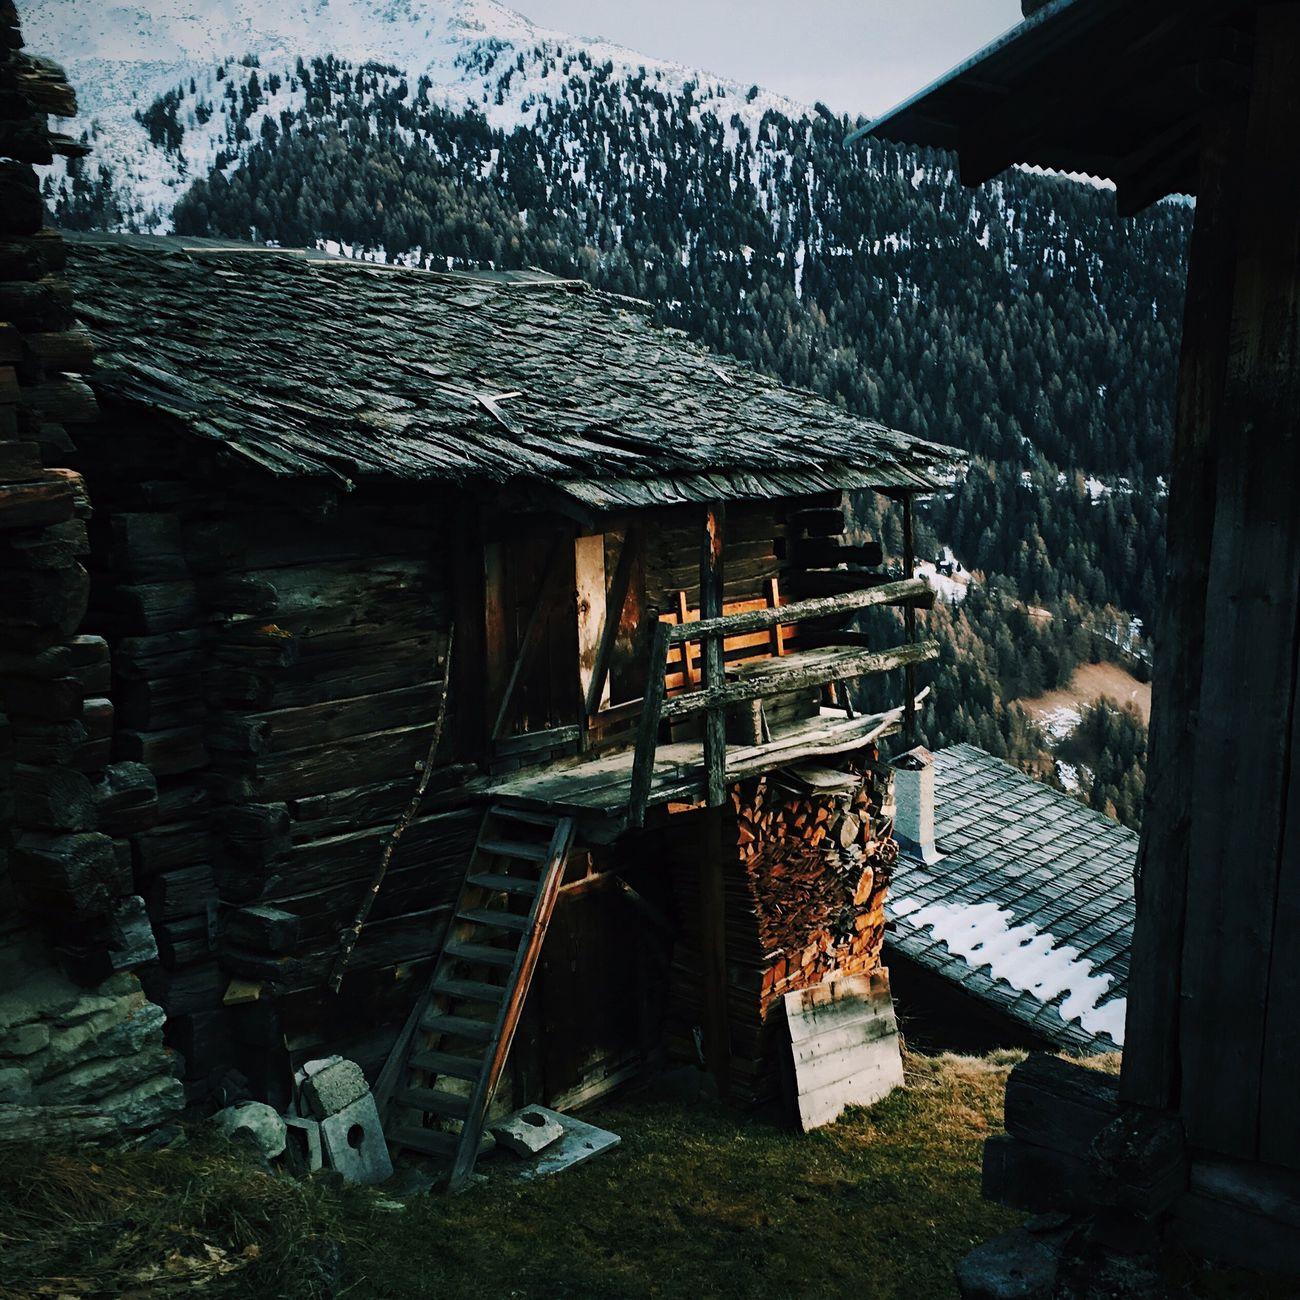 Mountain Vscocam No People Built Structure Architecture House Montagne Switzerland Suisse  Valais Building Exterior Chalet Schweiz VSCO Maison Bergen